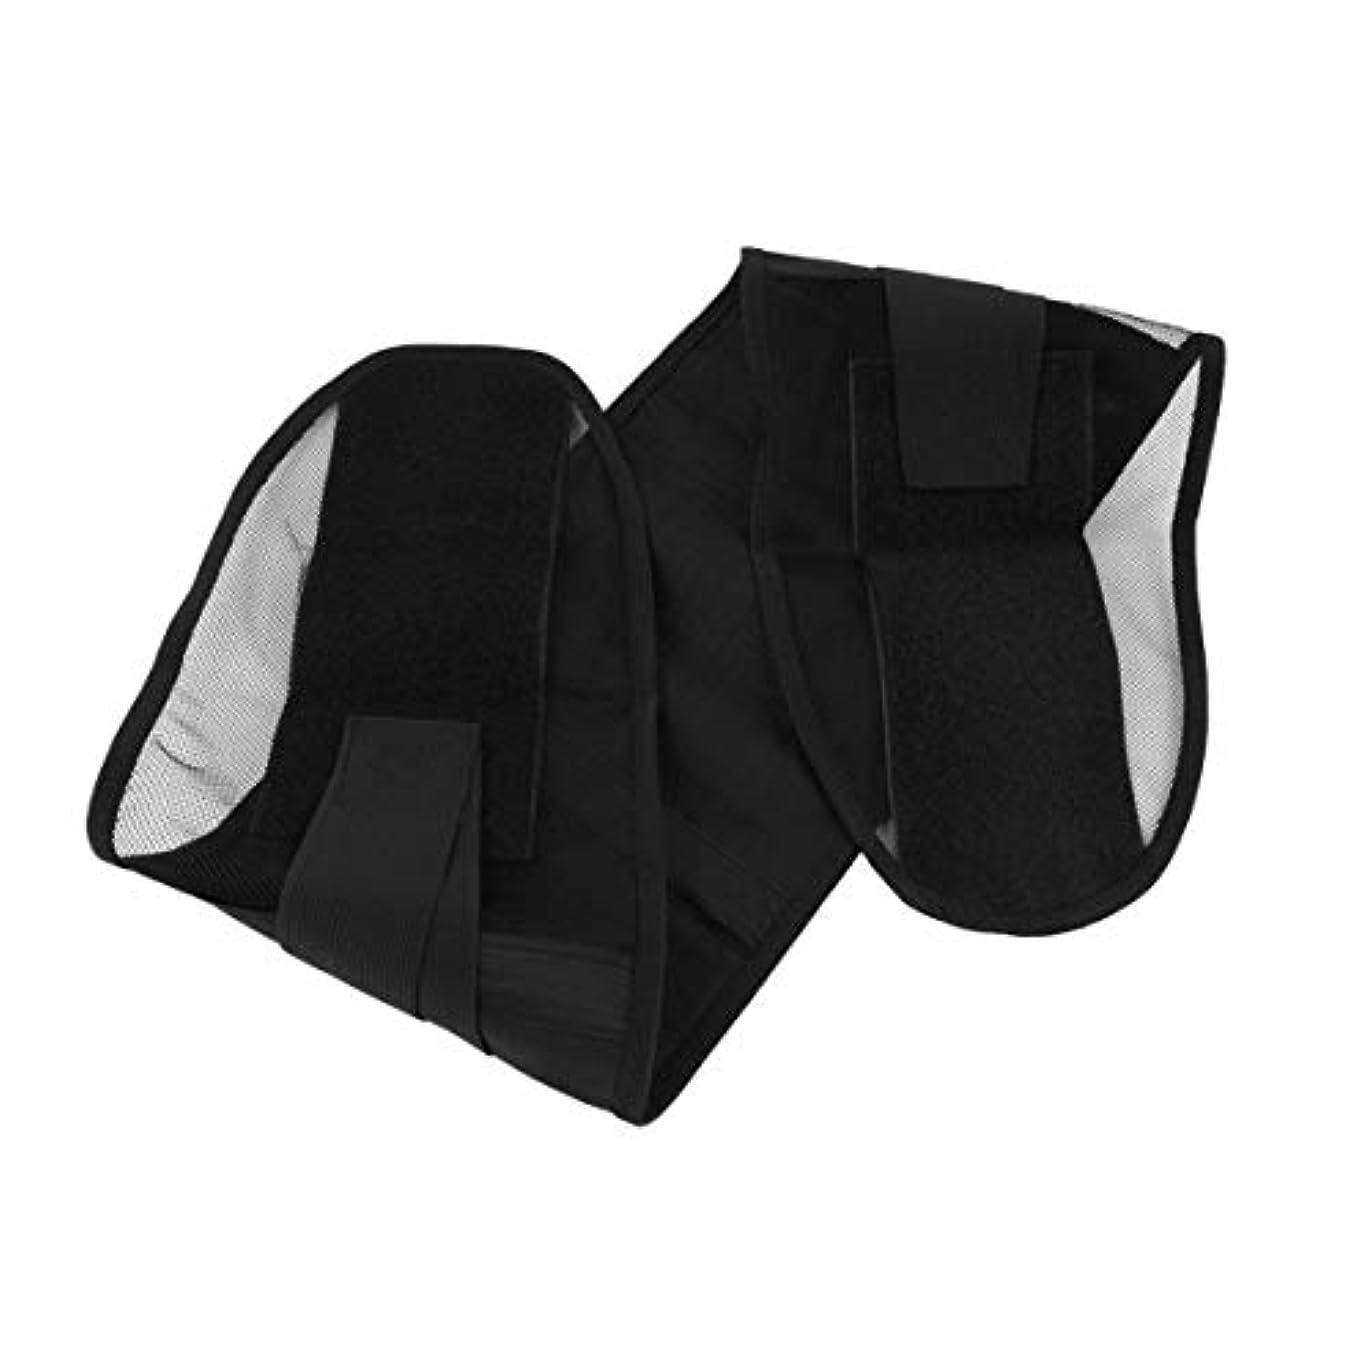 冷淡なタブレット予感ウエストサポートウエストプロテクション薄型通気性メッシュランバーサポートスチール製保護ベルトSport-Black XL